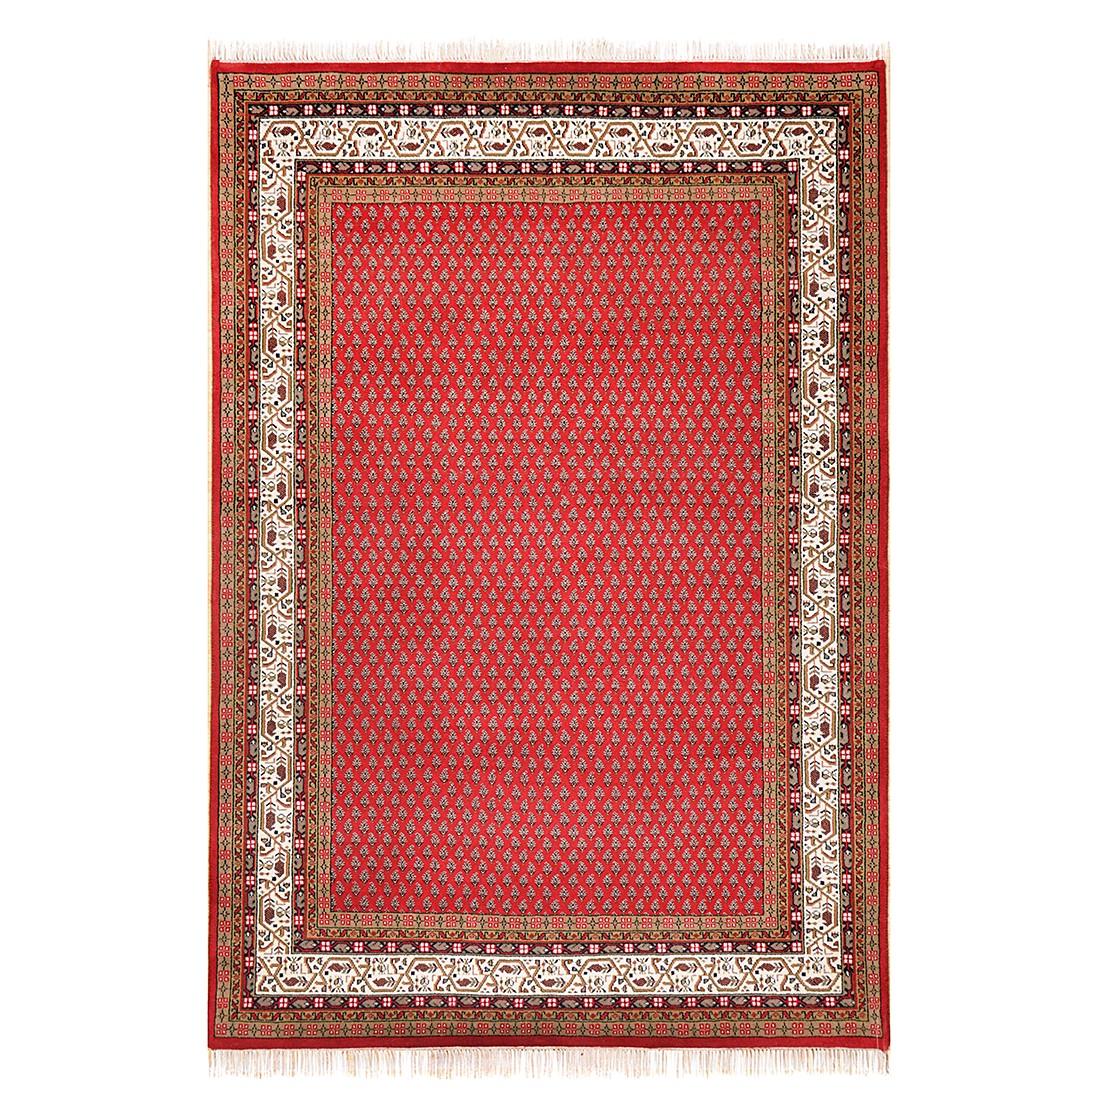 Teppich Chandi Mir – Wolle/Rot – 200 cm x 300 cm, THEKO die markenteppiche jetzt bestellen